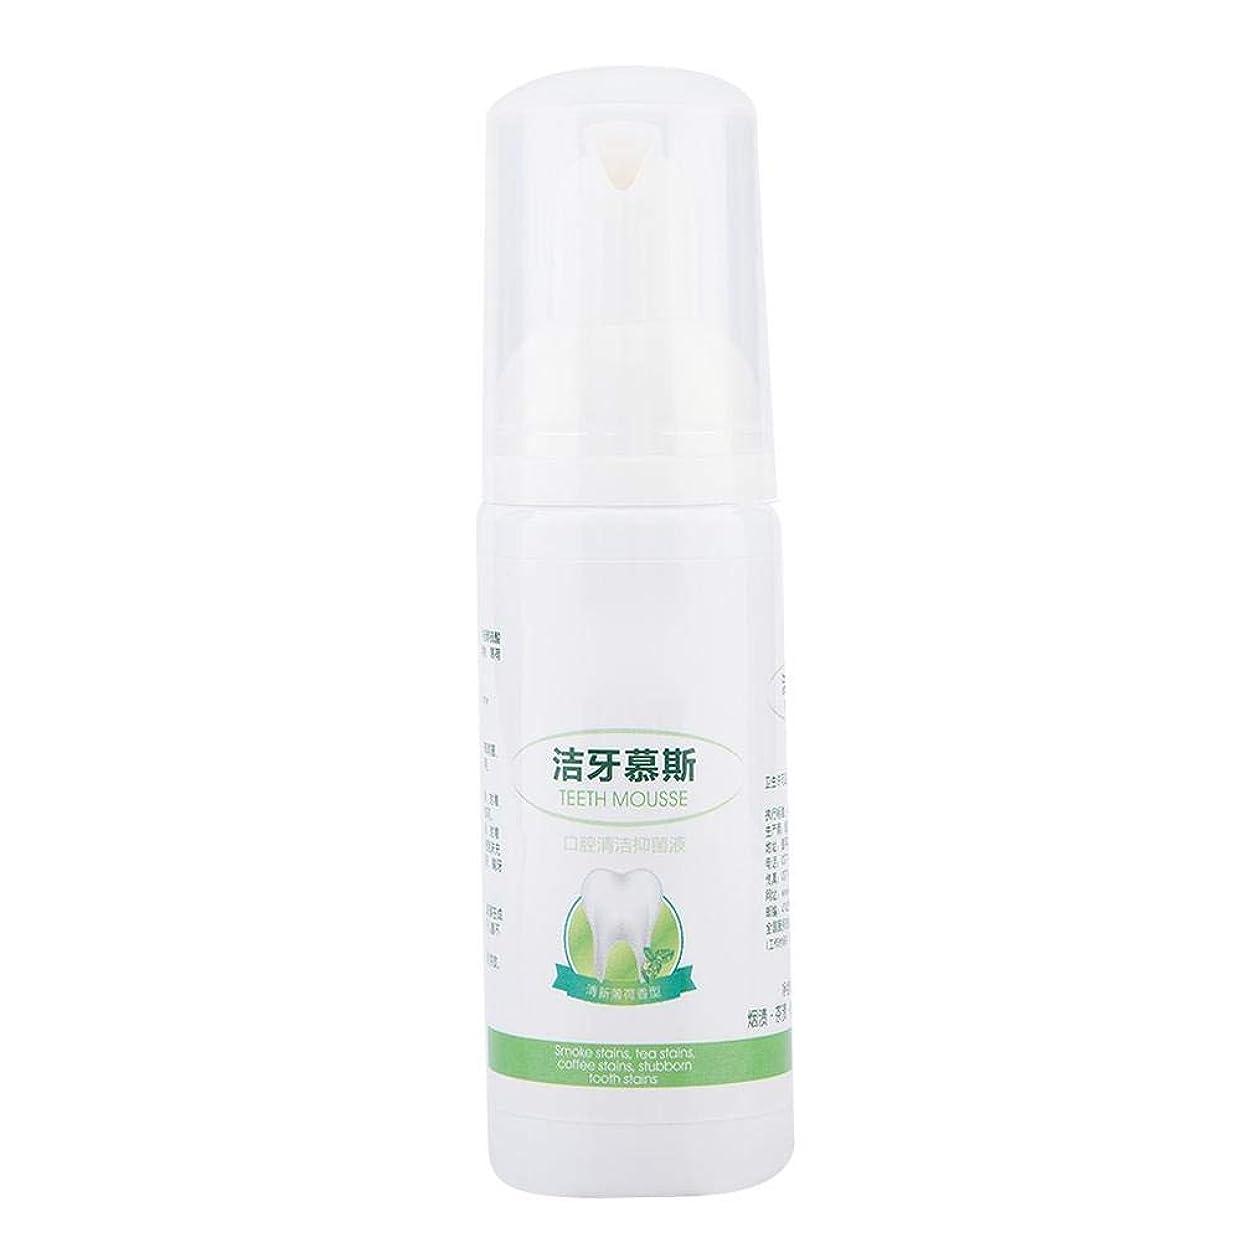 泡を白くする歯、泡を白くする歯の汚れの汚れの取り外しの歯磨き粉の口腔衛生のクリーニング用具